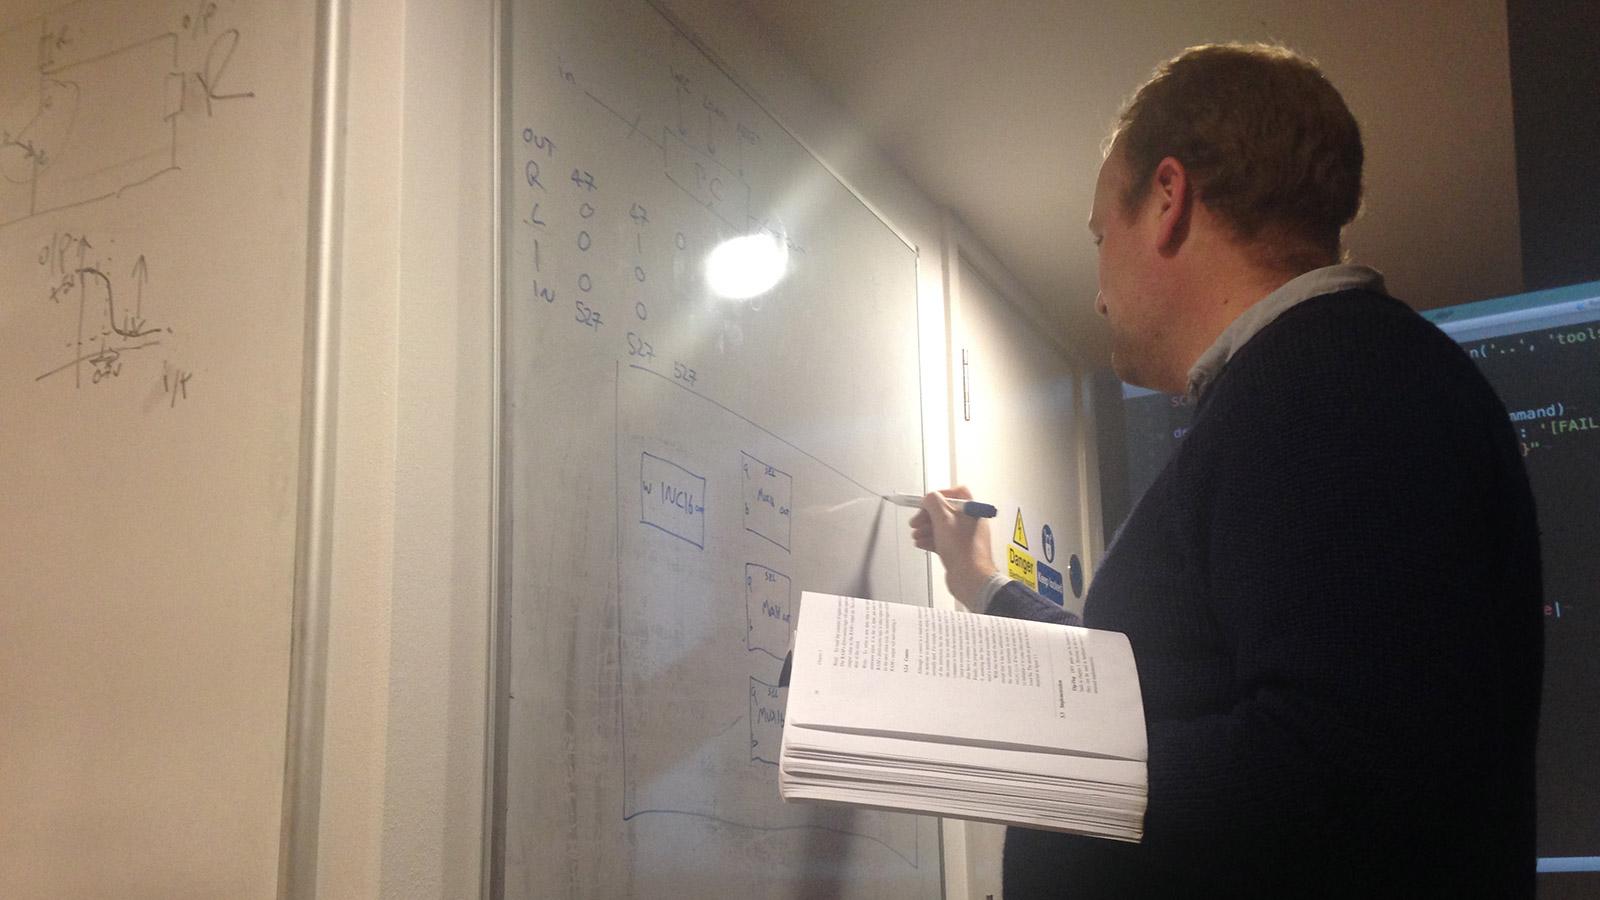 Chris draws Program Counter